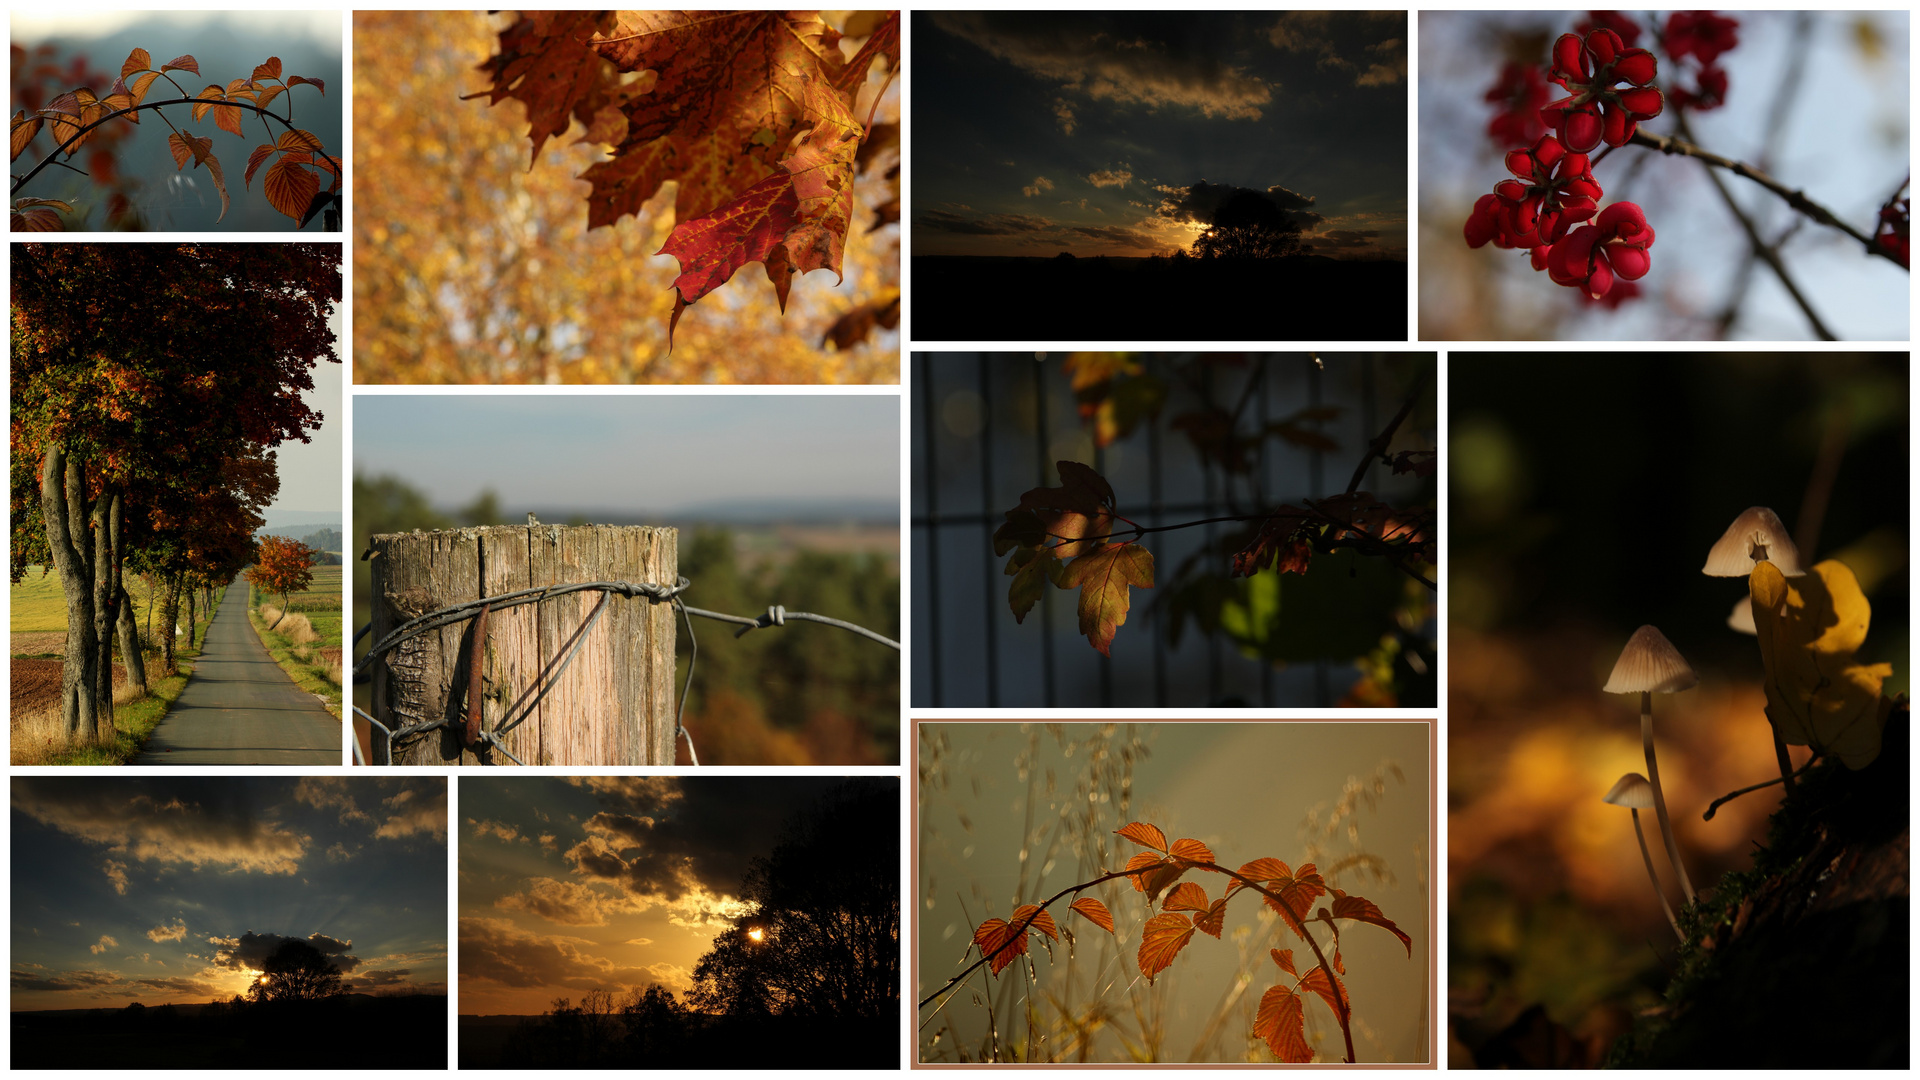 ...der goldenen Oktober ist auch schon wieder Vergangenheit